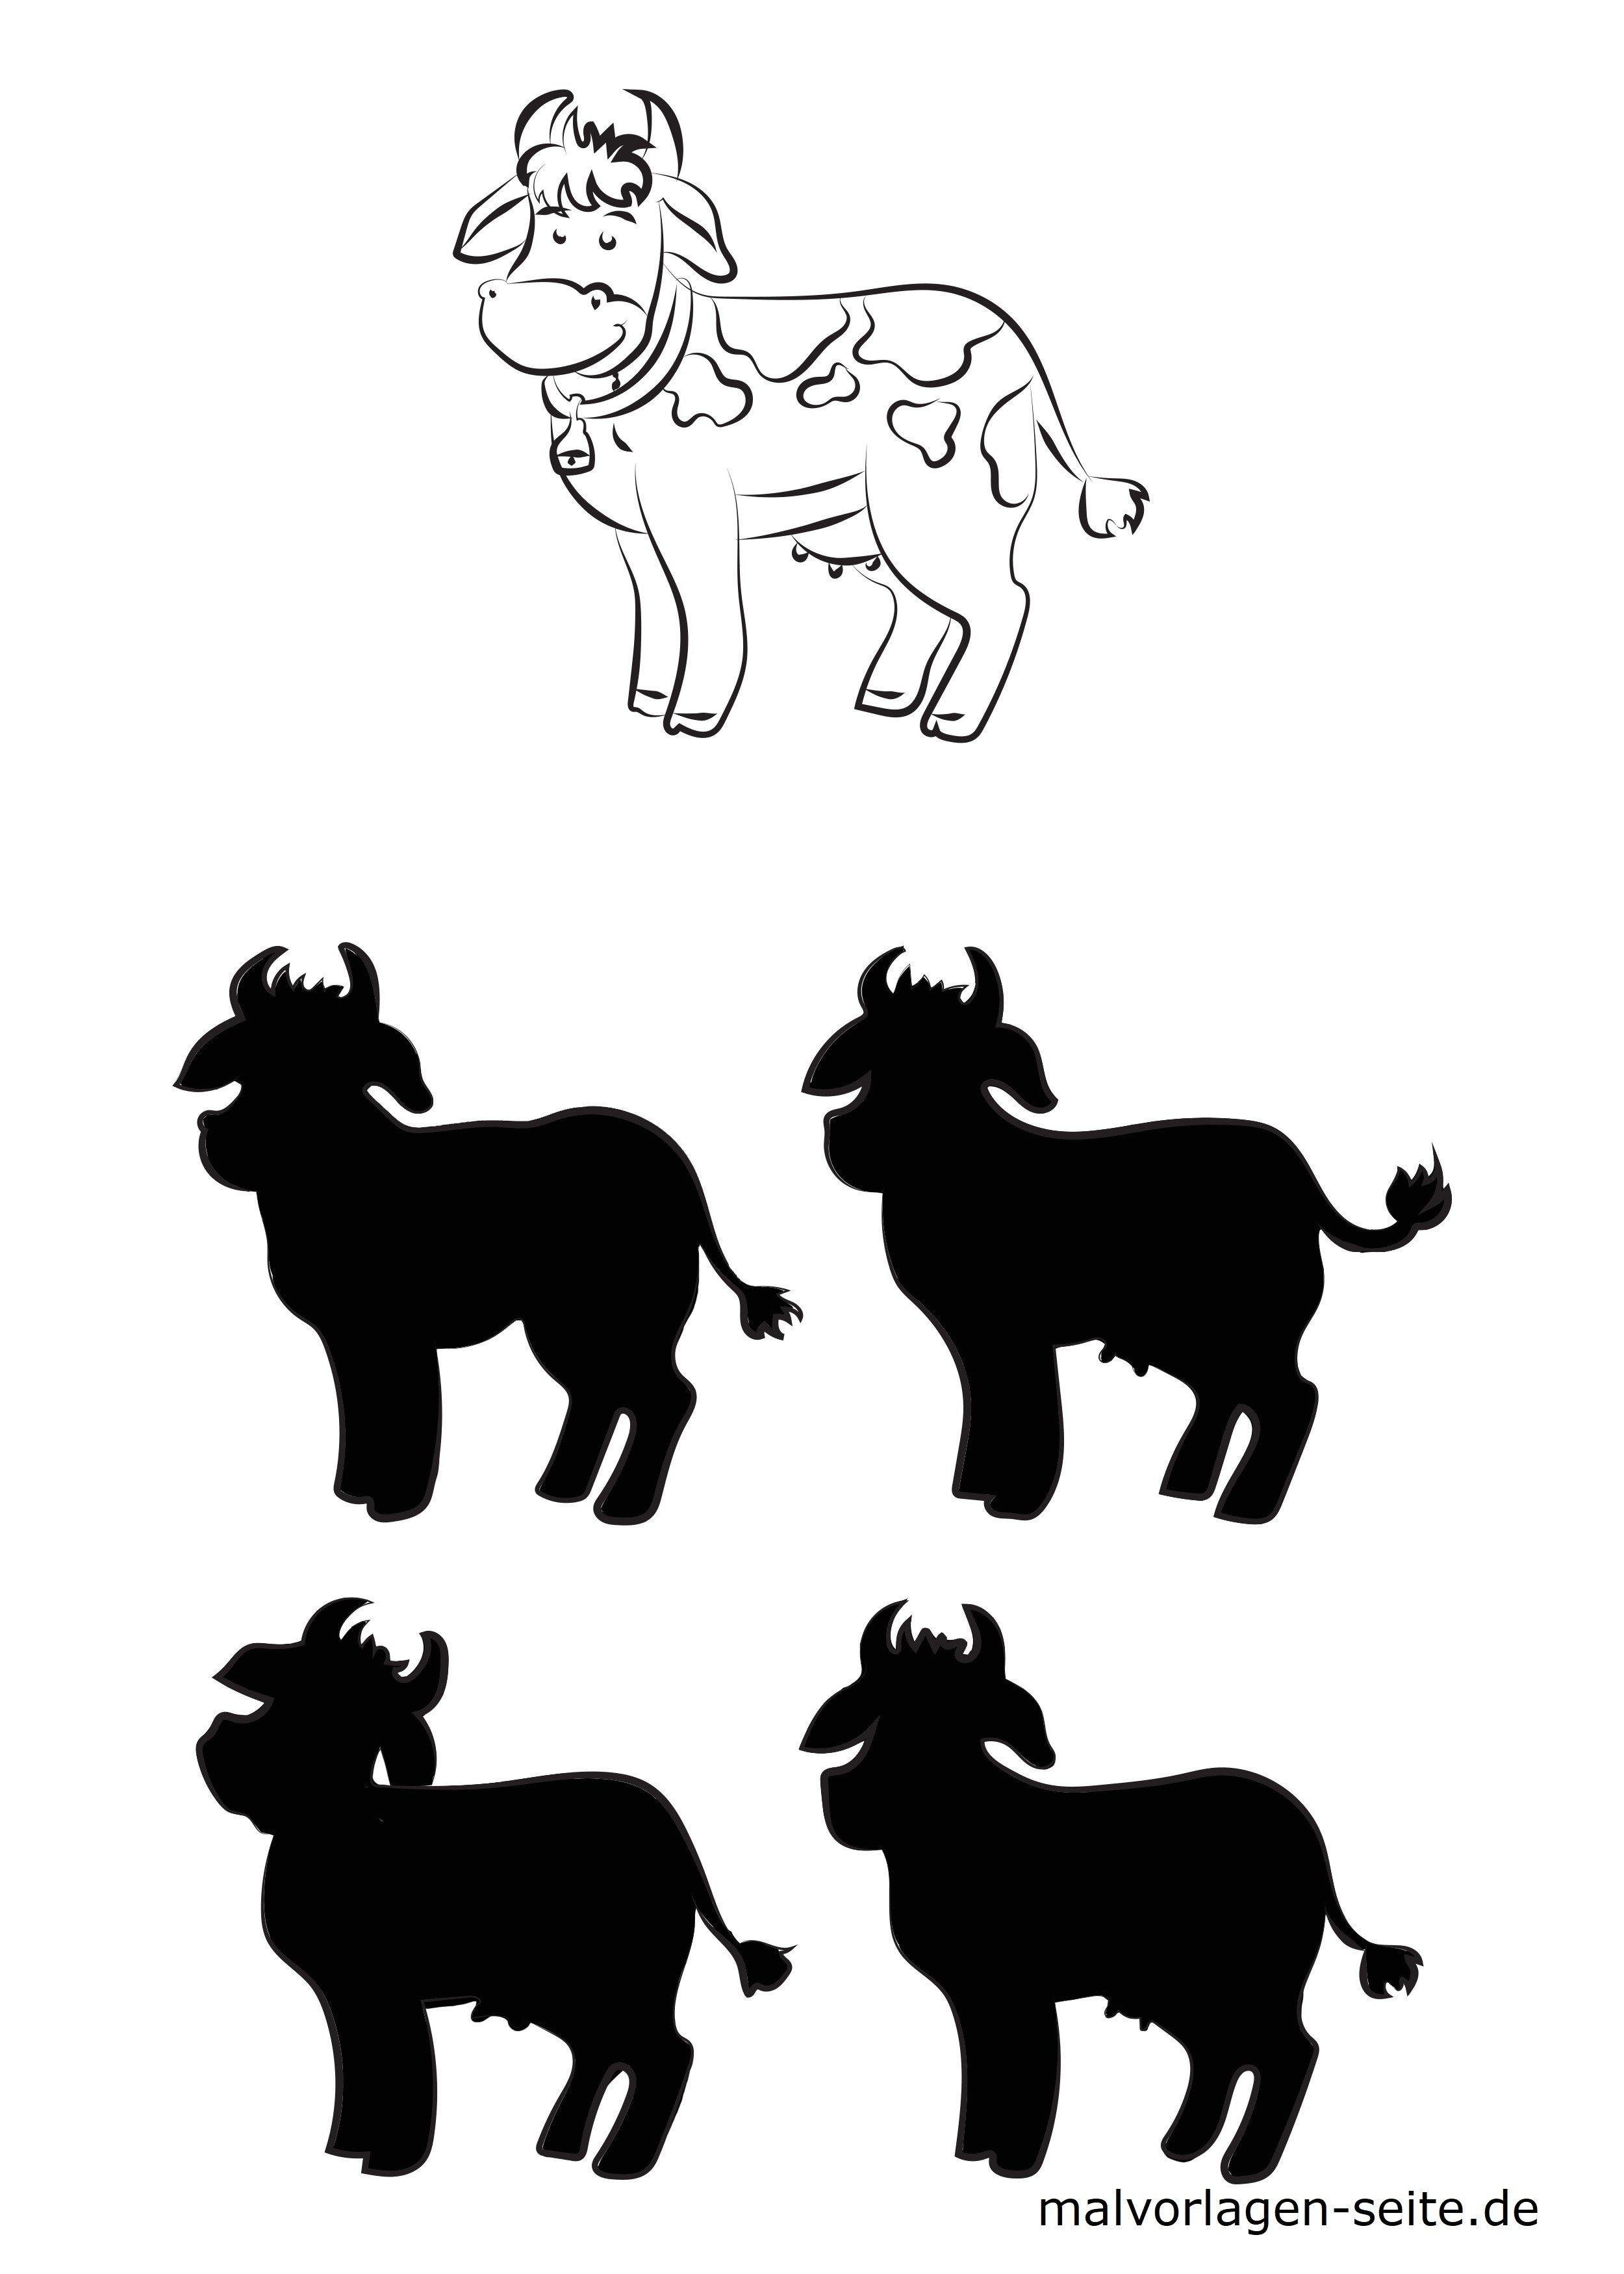 Schattenrätsel Tiere Kuh